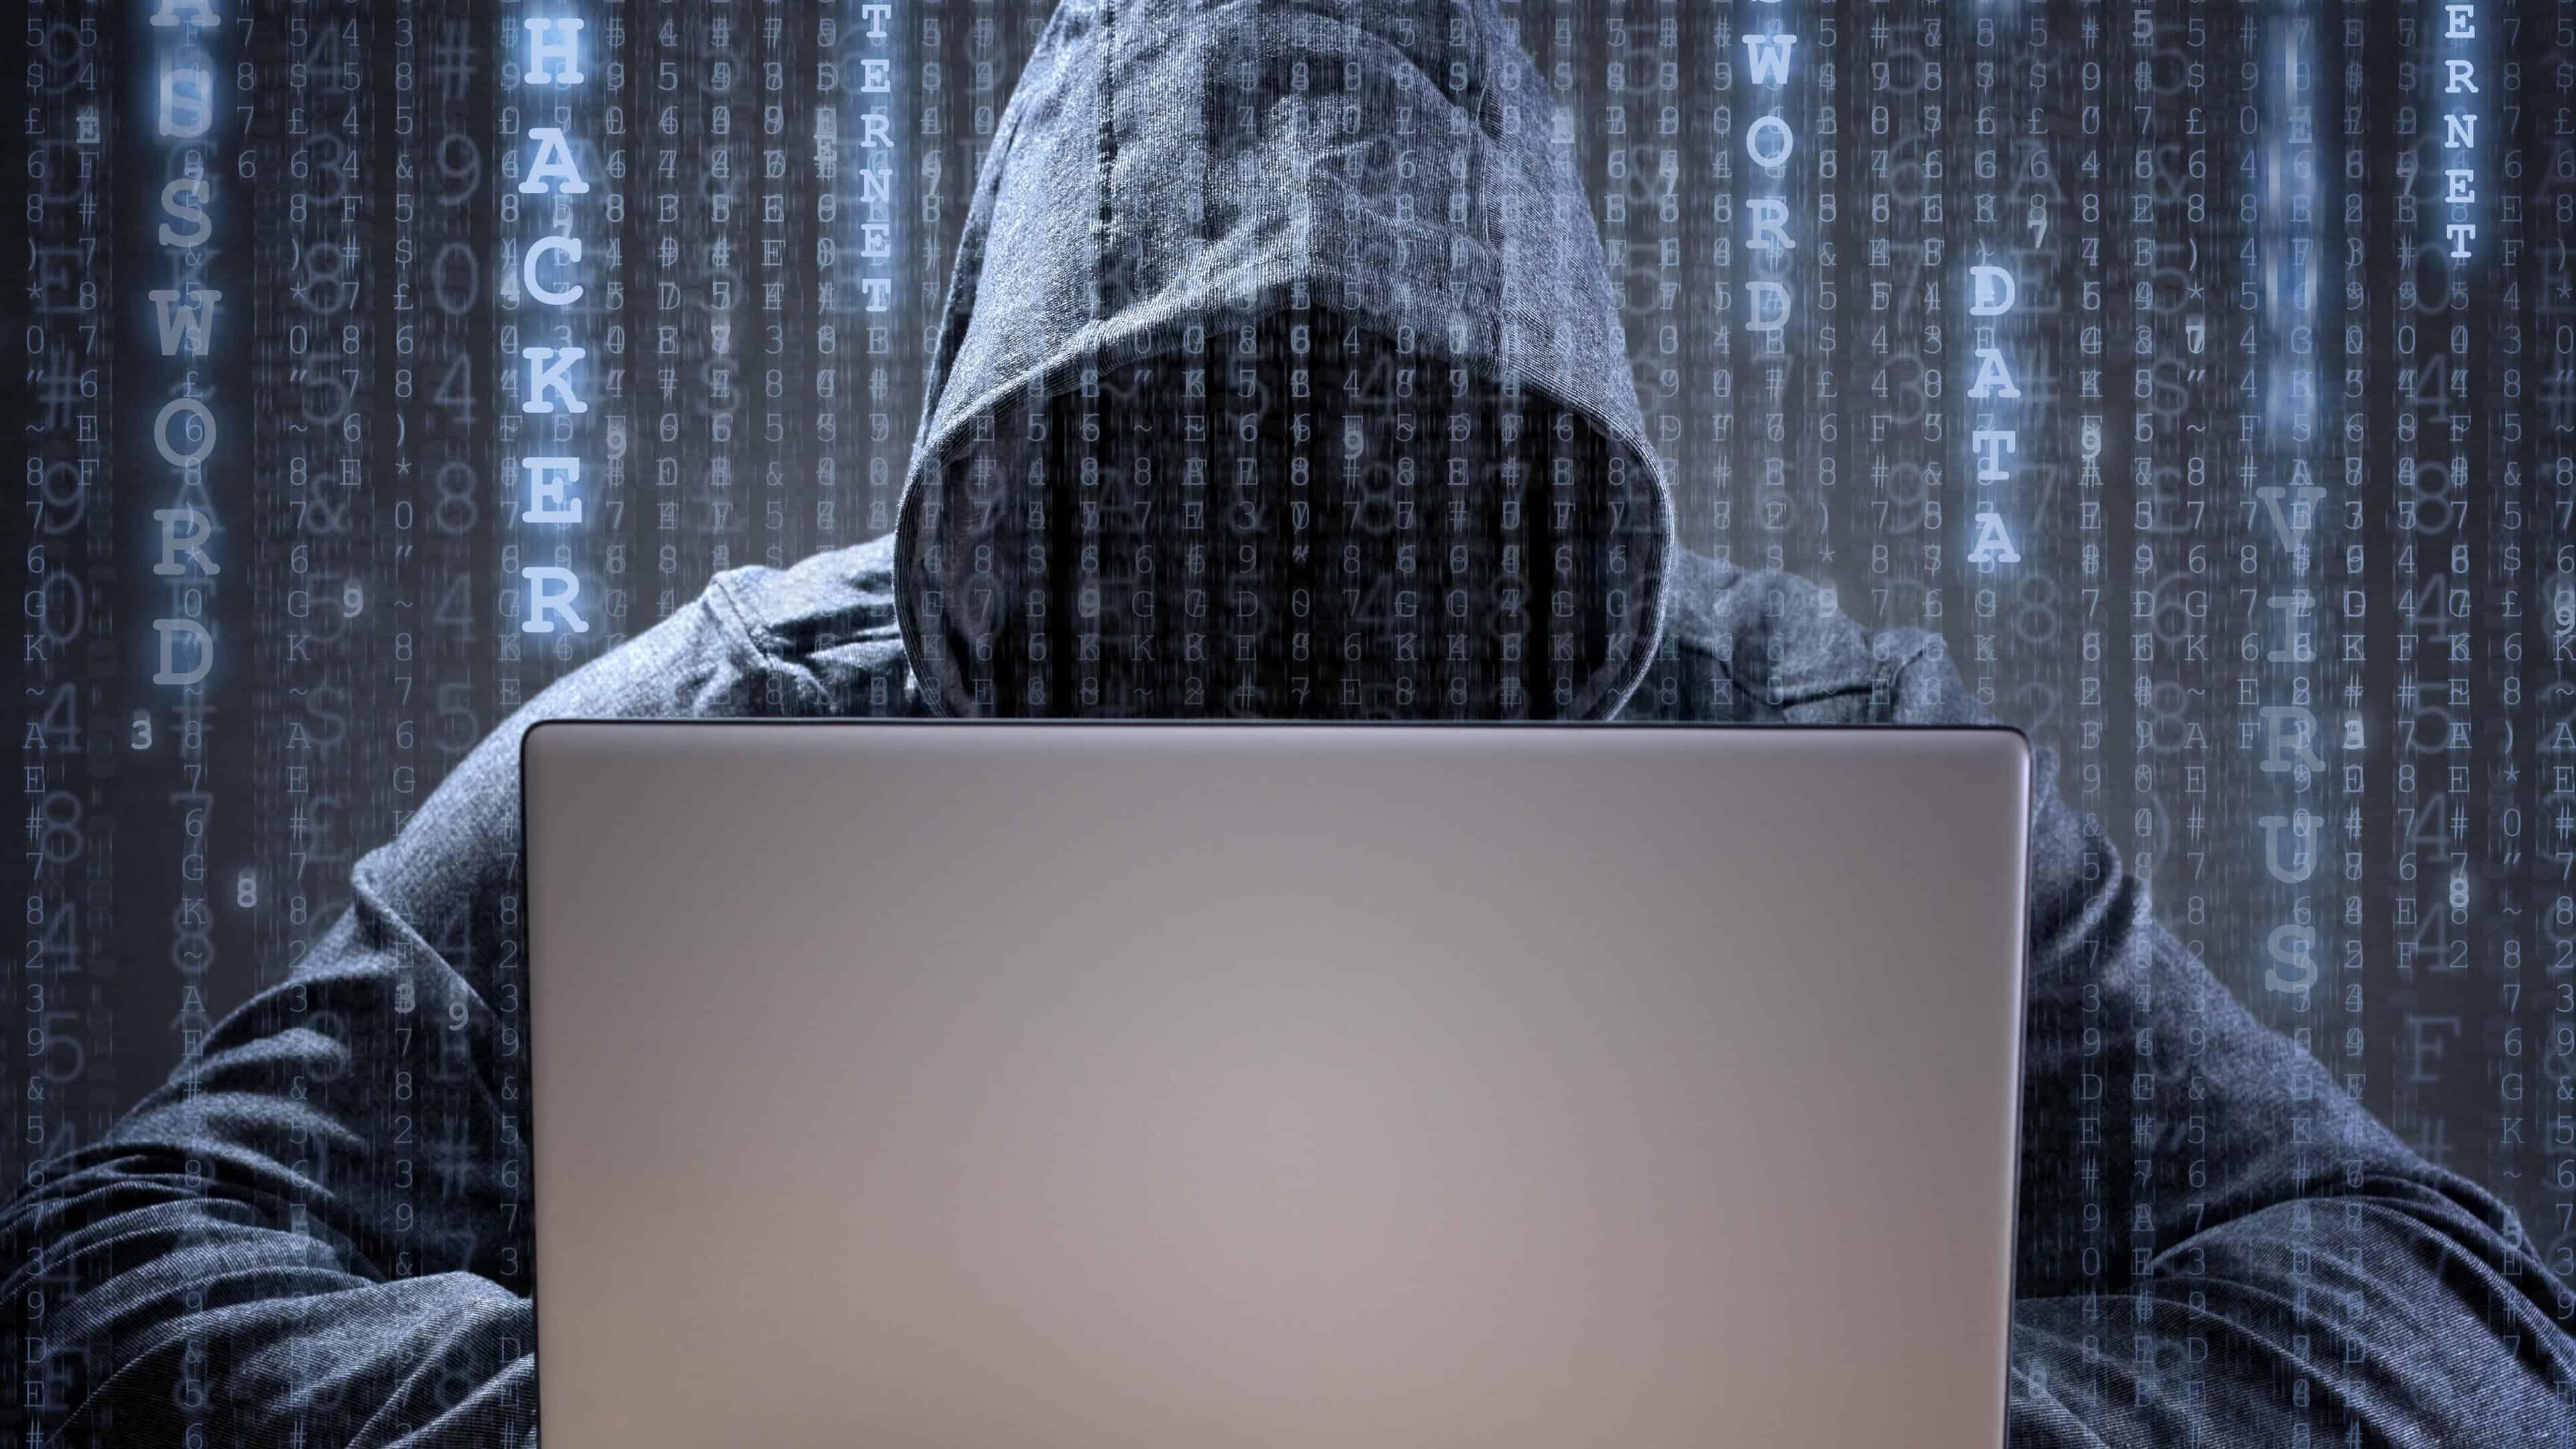 Hacker 4k Wallpapers Top Free Hacker 4k Backgrounds Wallpaperaccess